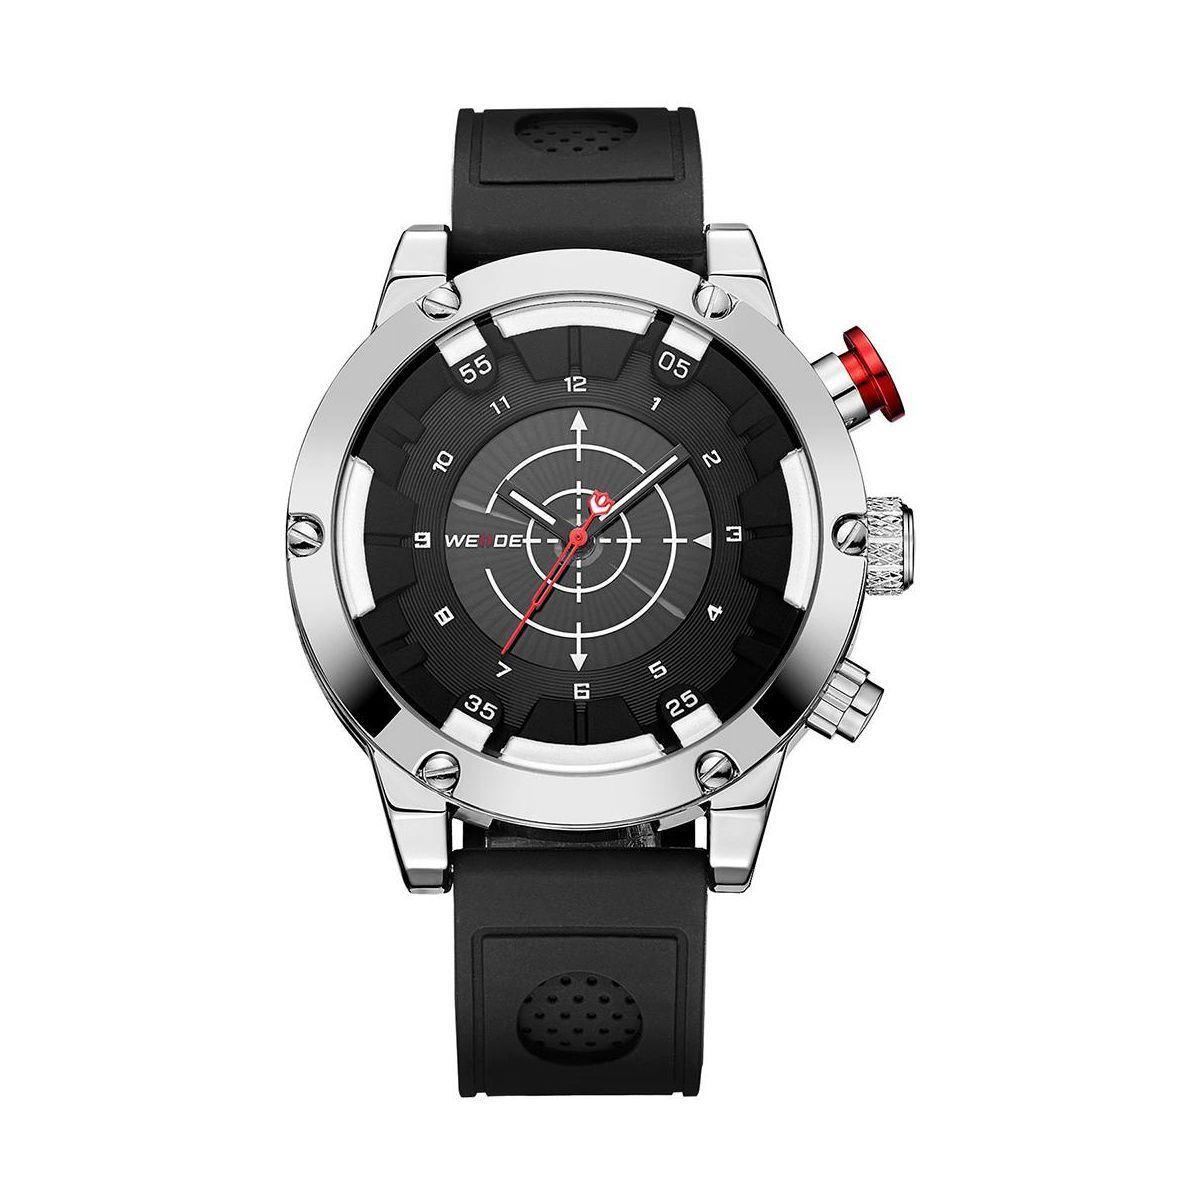 Часы Weide Black WH6301-1C (WH6301-1C)